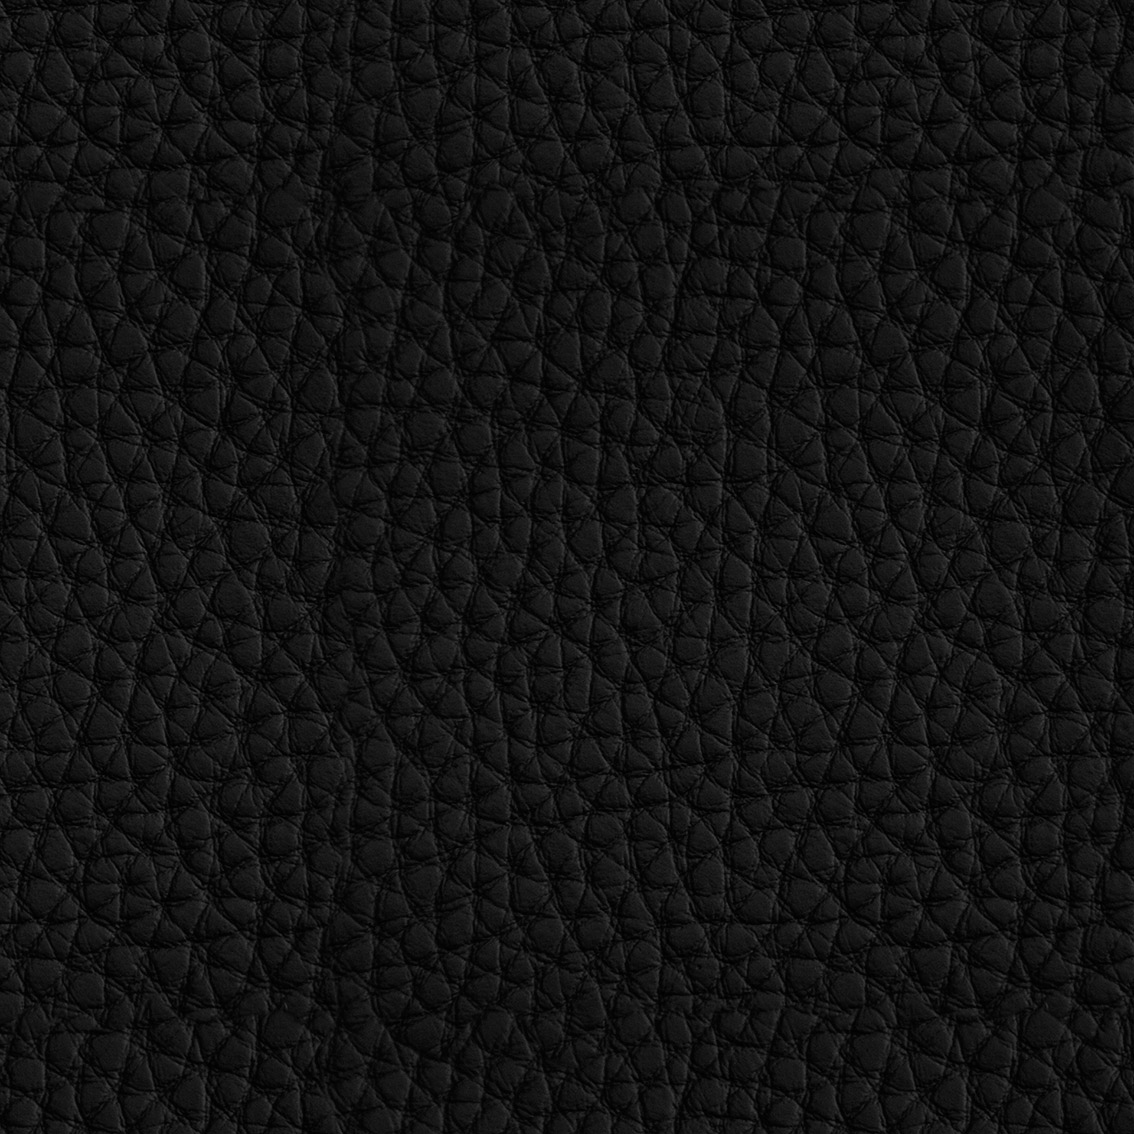 Коллекция ткани Aurora 280 Black,  купить ткань Кож зам для мебели Украина